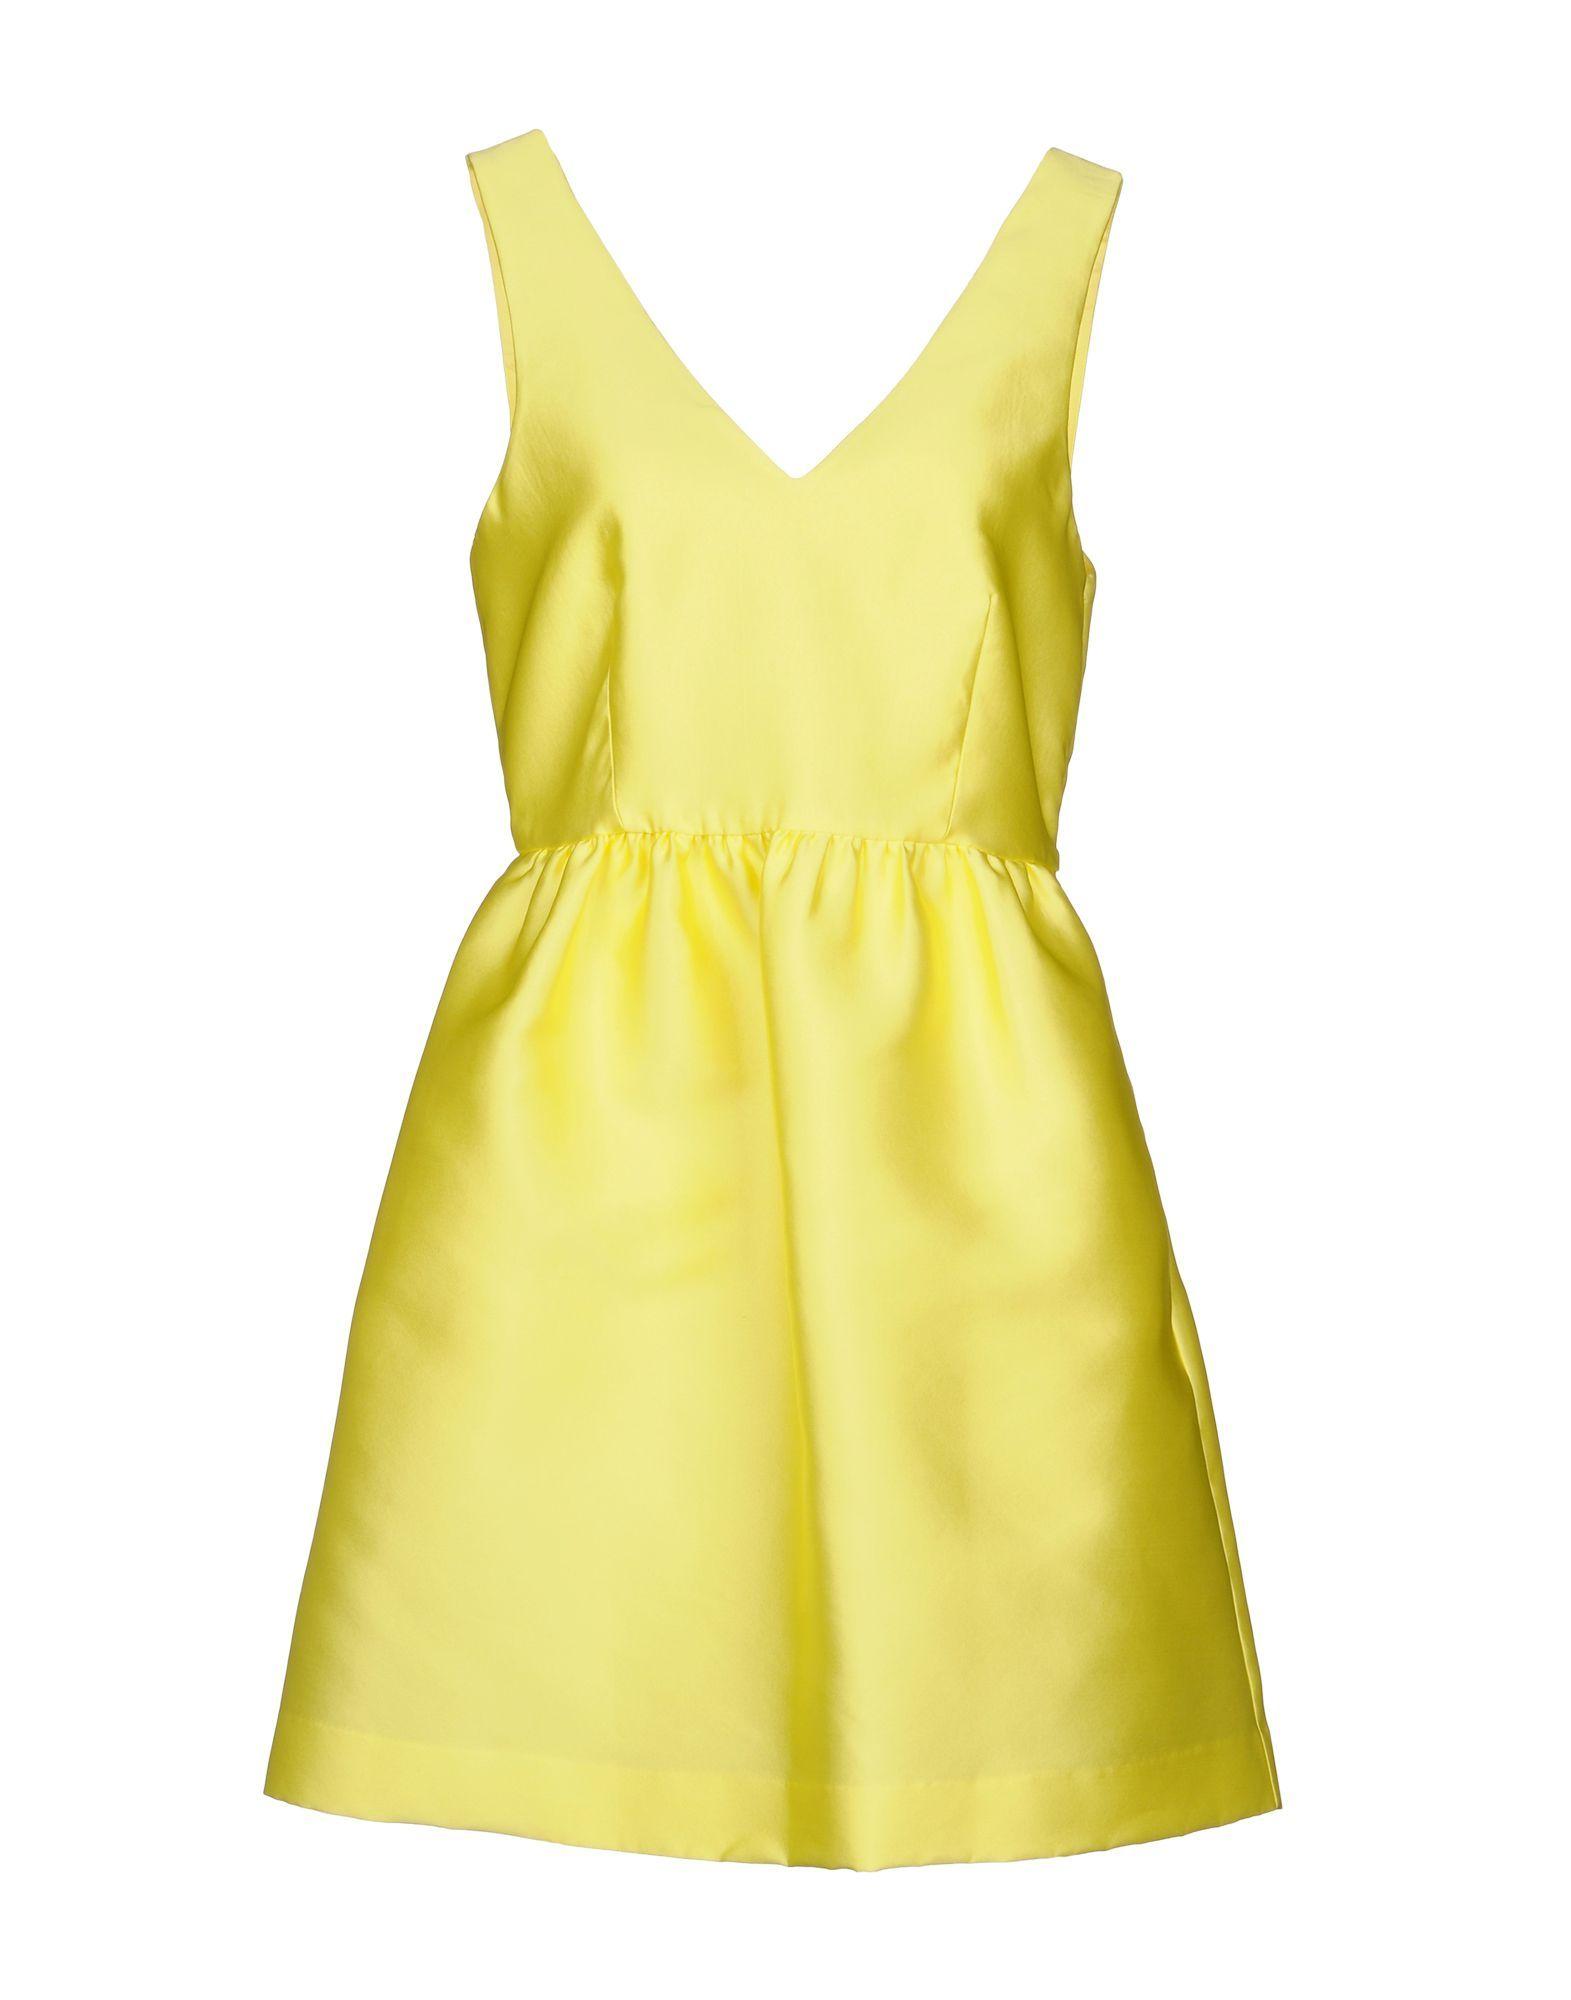 P.A.R.O.S.H. Yellow Satin Short Dress